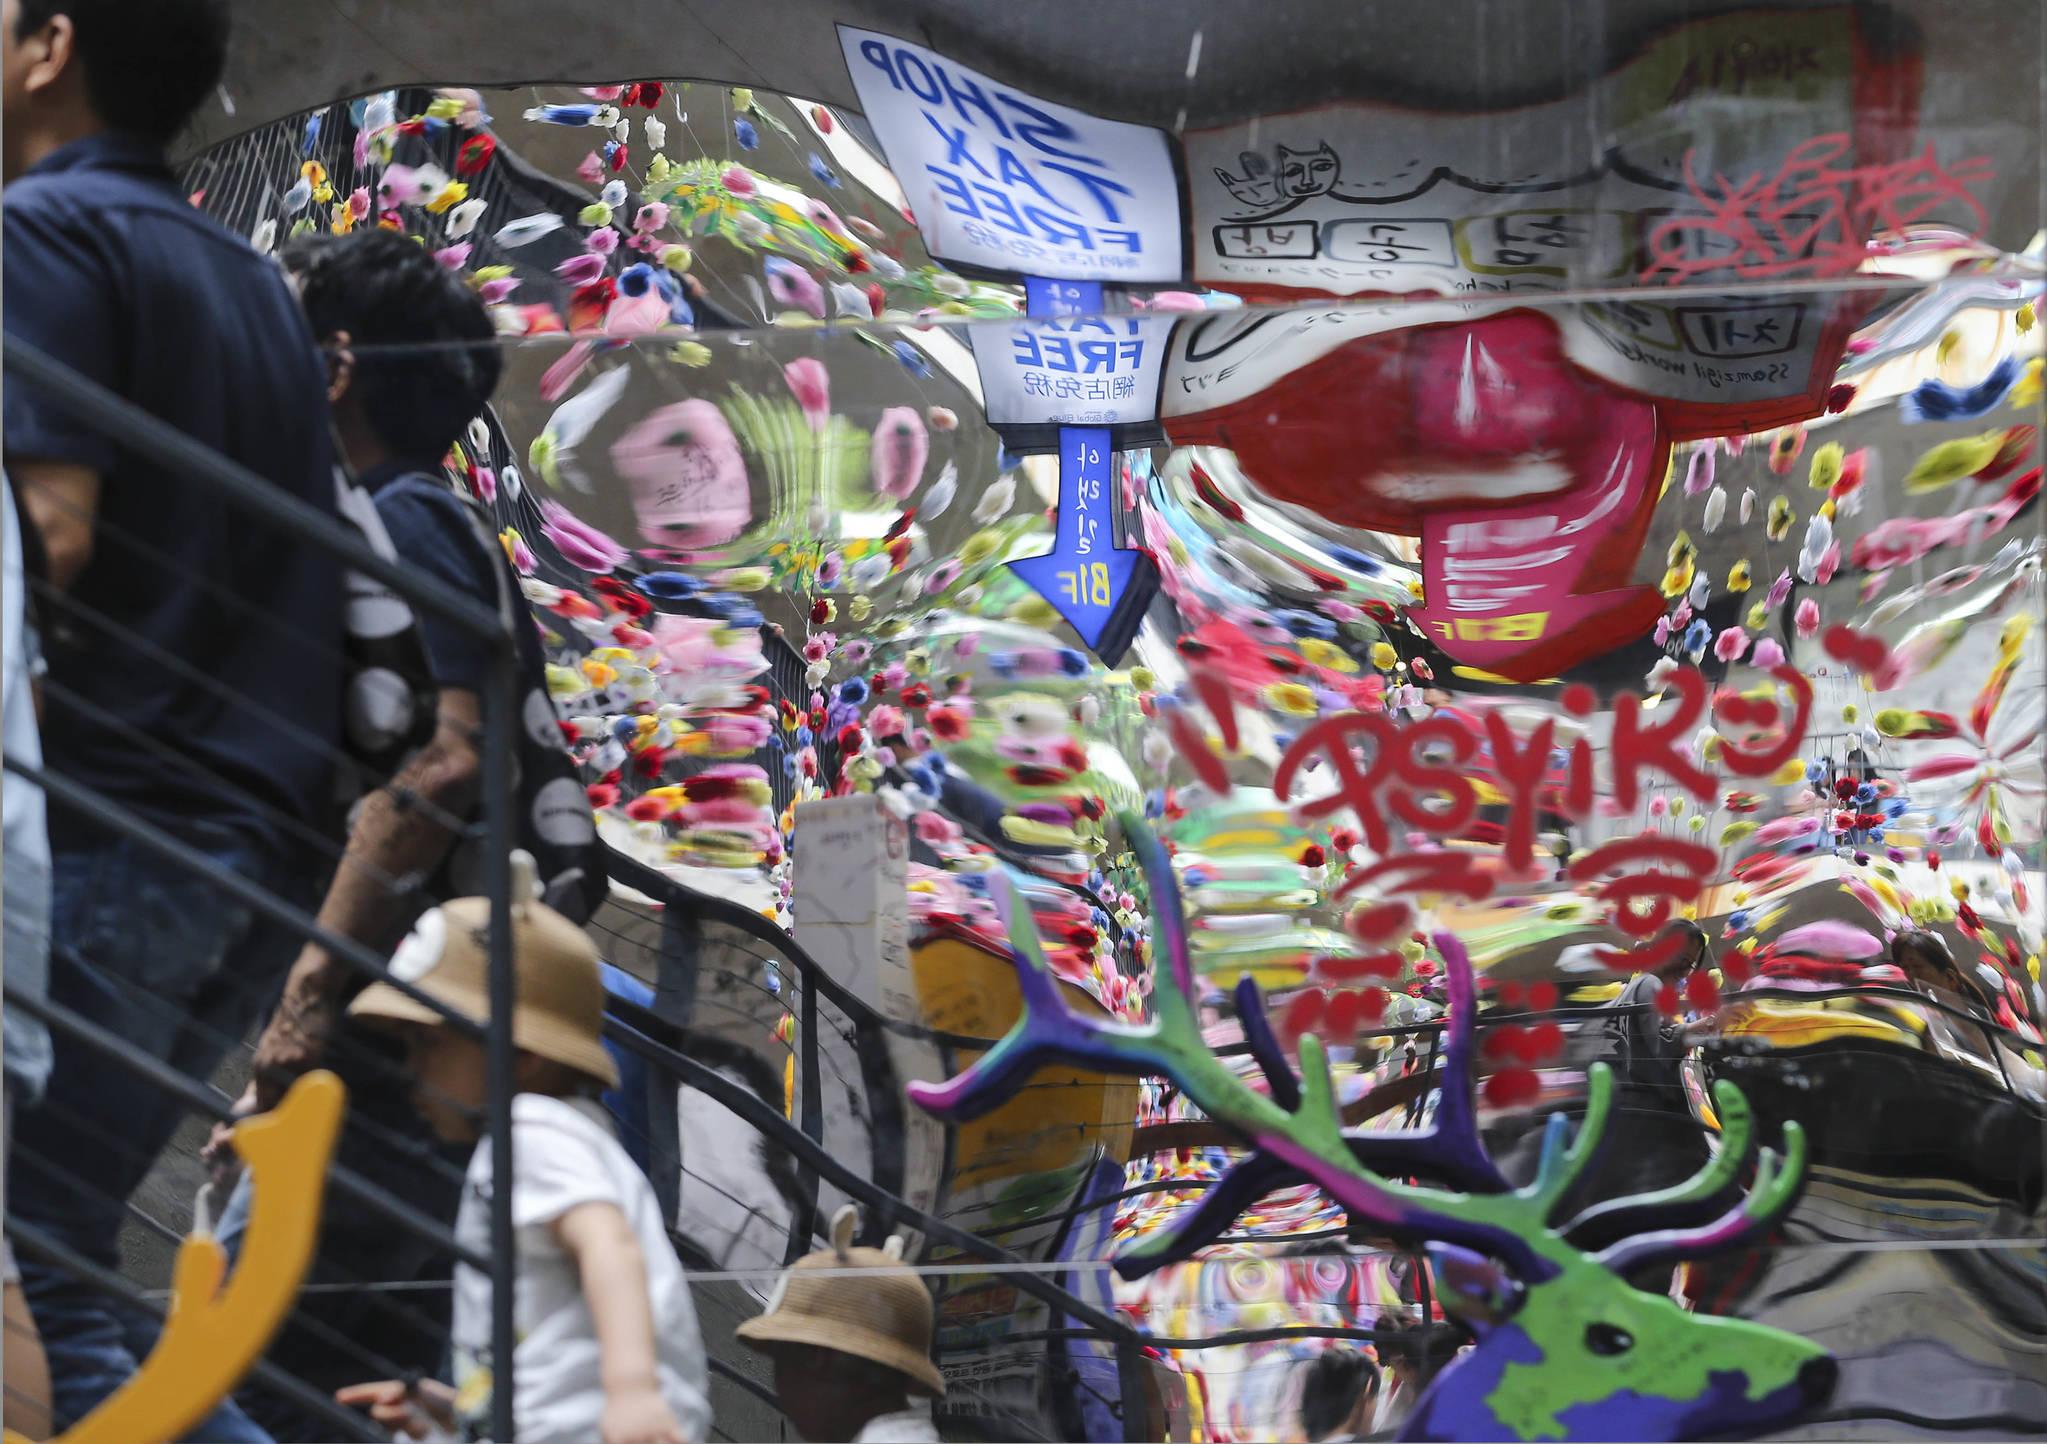 서울 종로구 인사동 쌈지길 계단 거울에 비친 풍경이 일그러진 관광업계를 보여주는 듯 하다. 신인섭 기자